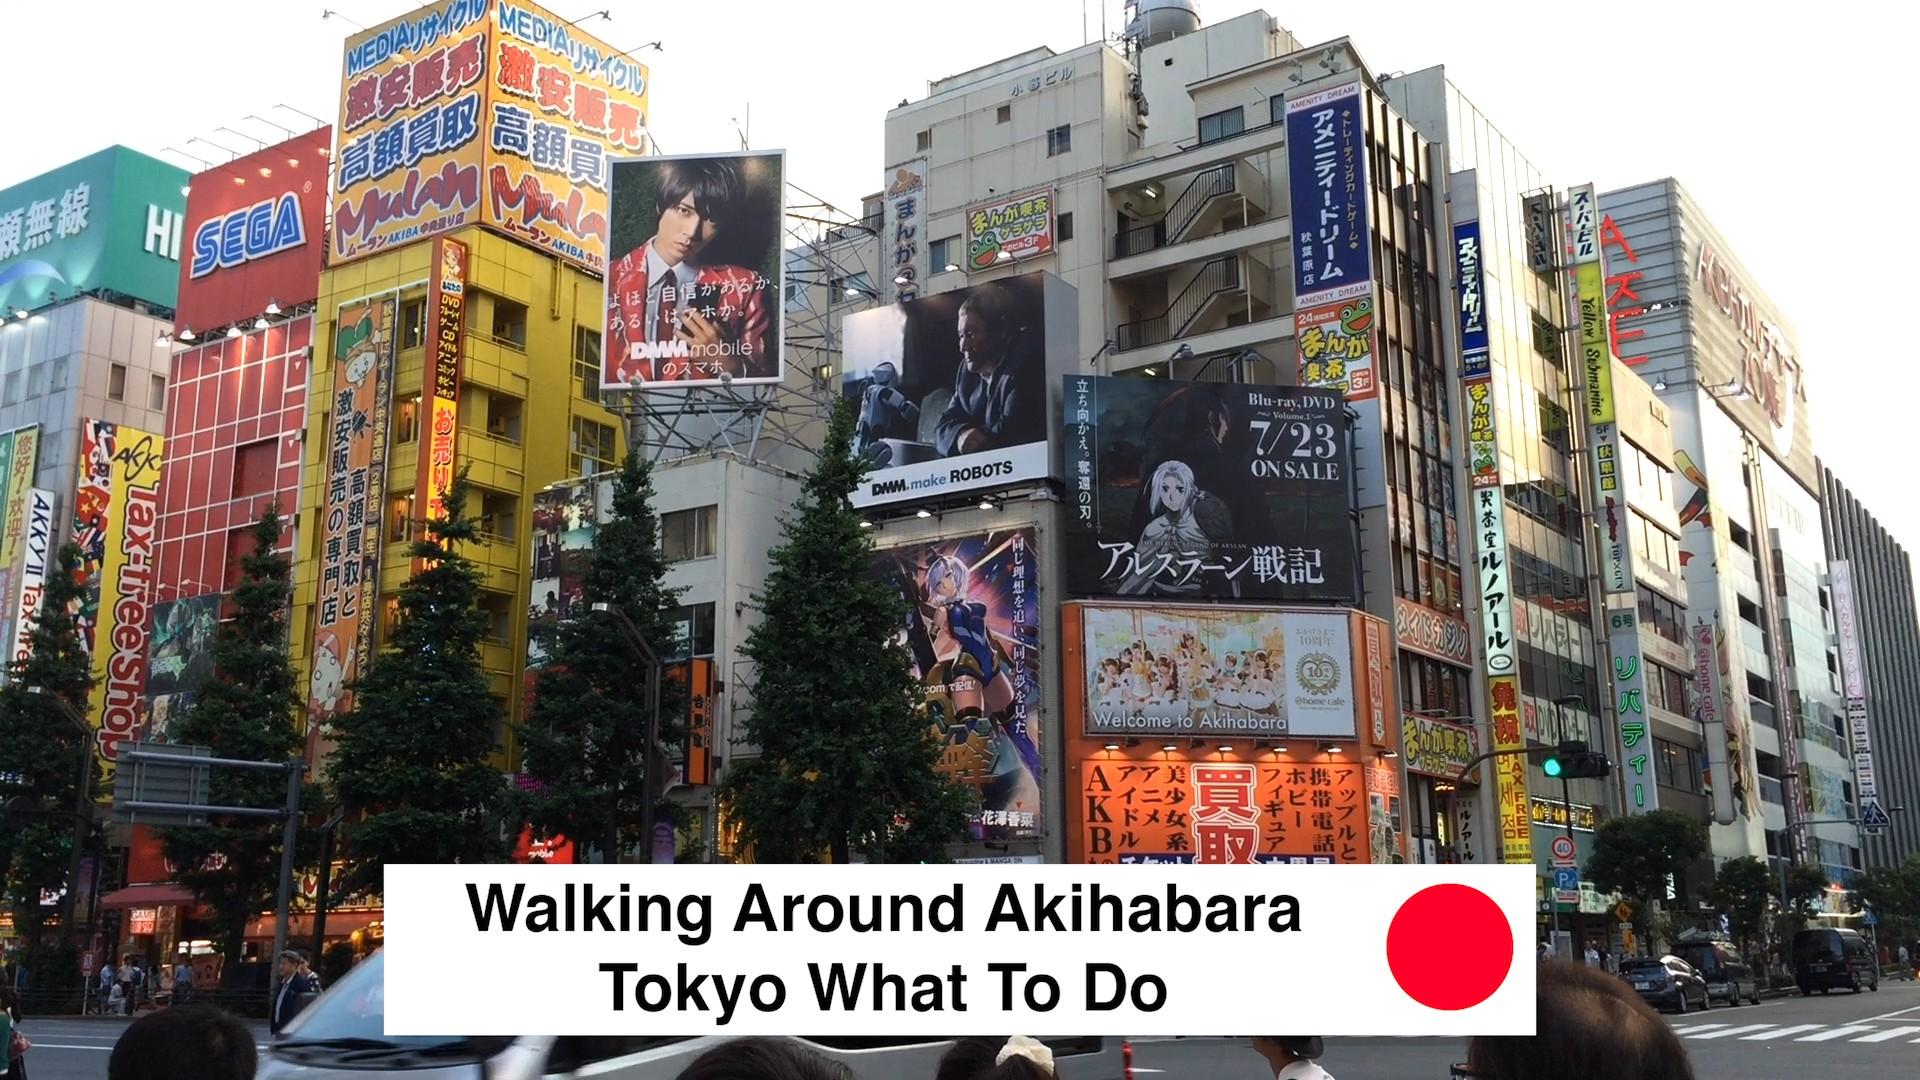 Walking Around Akihabara Tokyo What To Do - Walking Around Akihabara Tokyo What To Do 2018 - Loot Anime Discount Code 2018 🇯🇵 🏙 📦